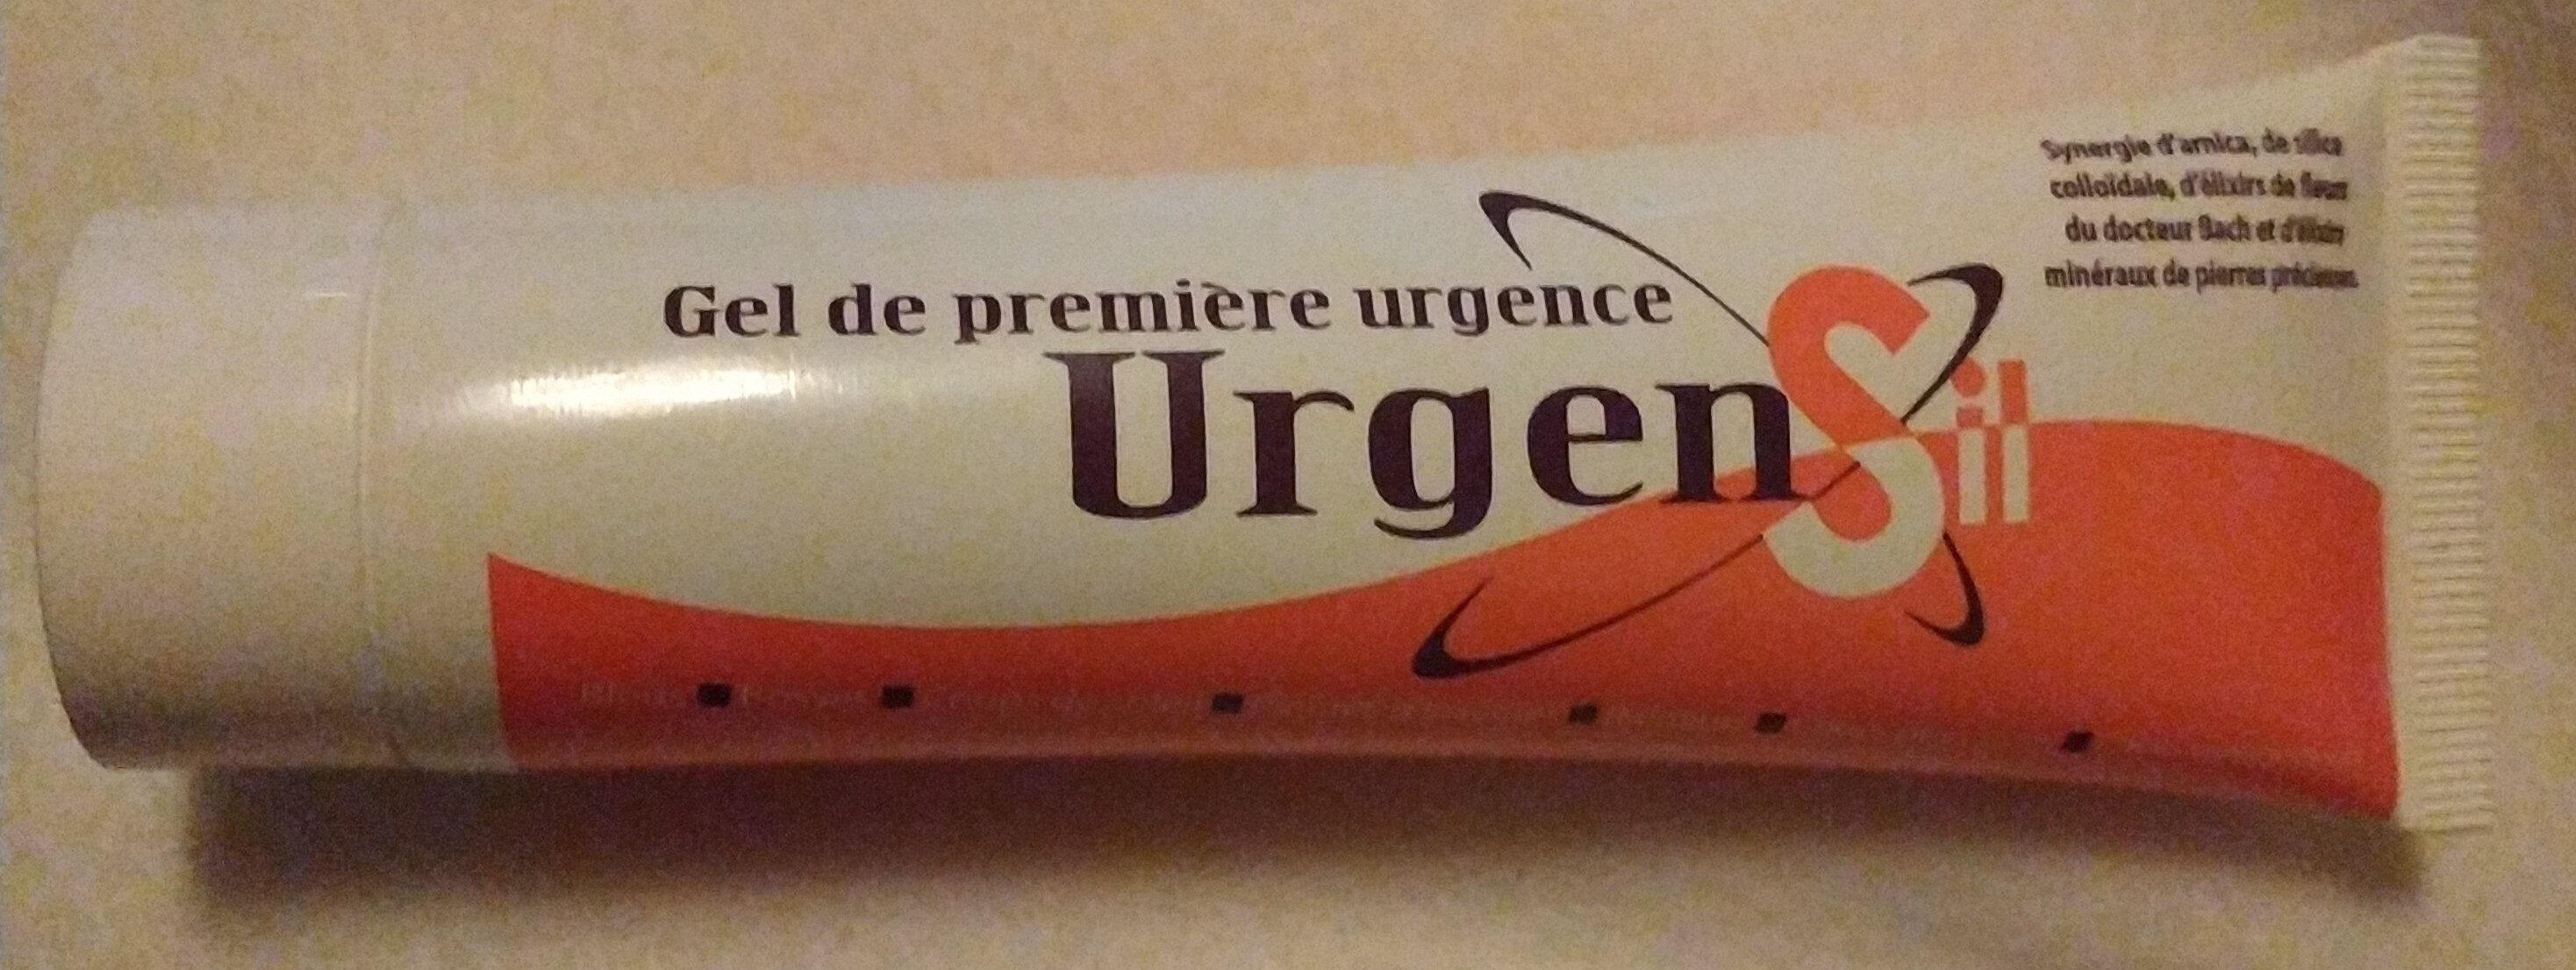 Gel de première urgence UrgenSil - Product - fr